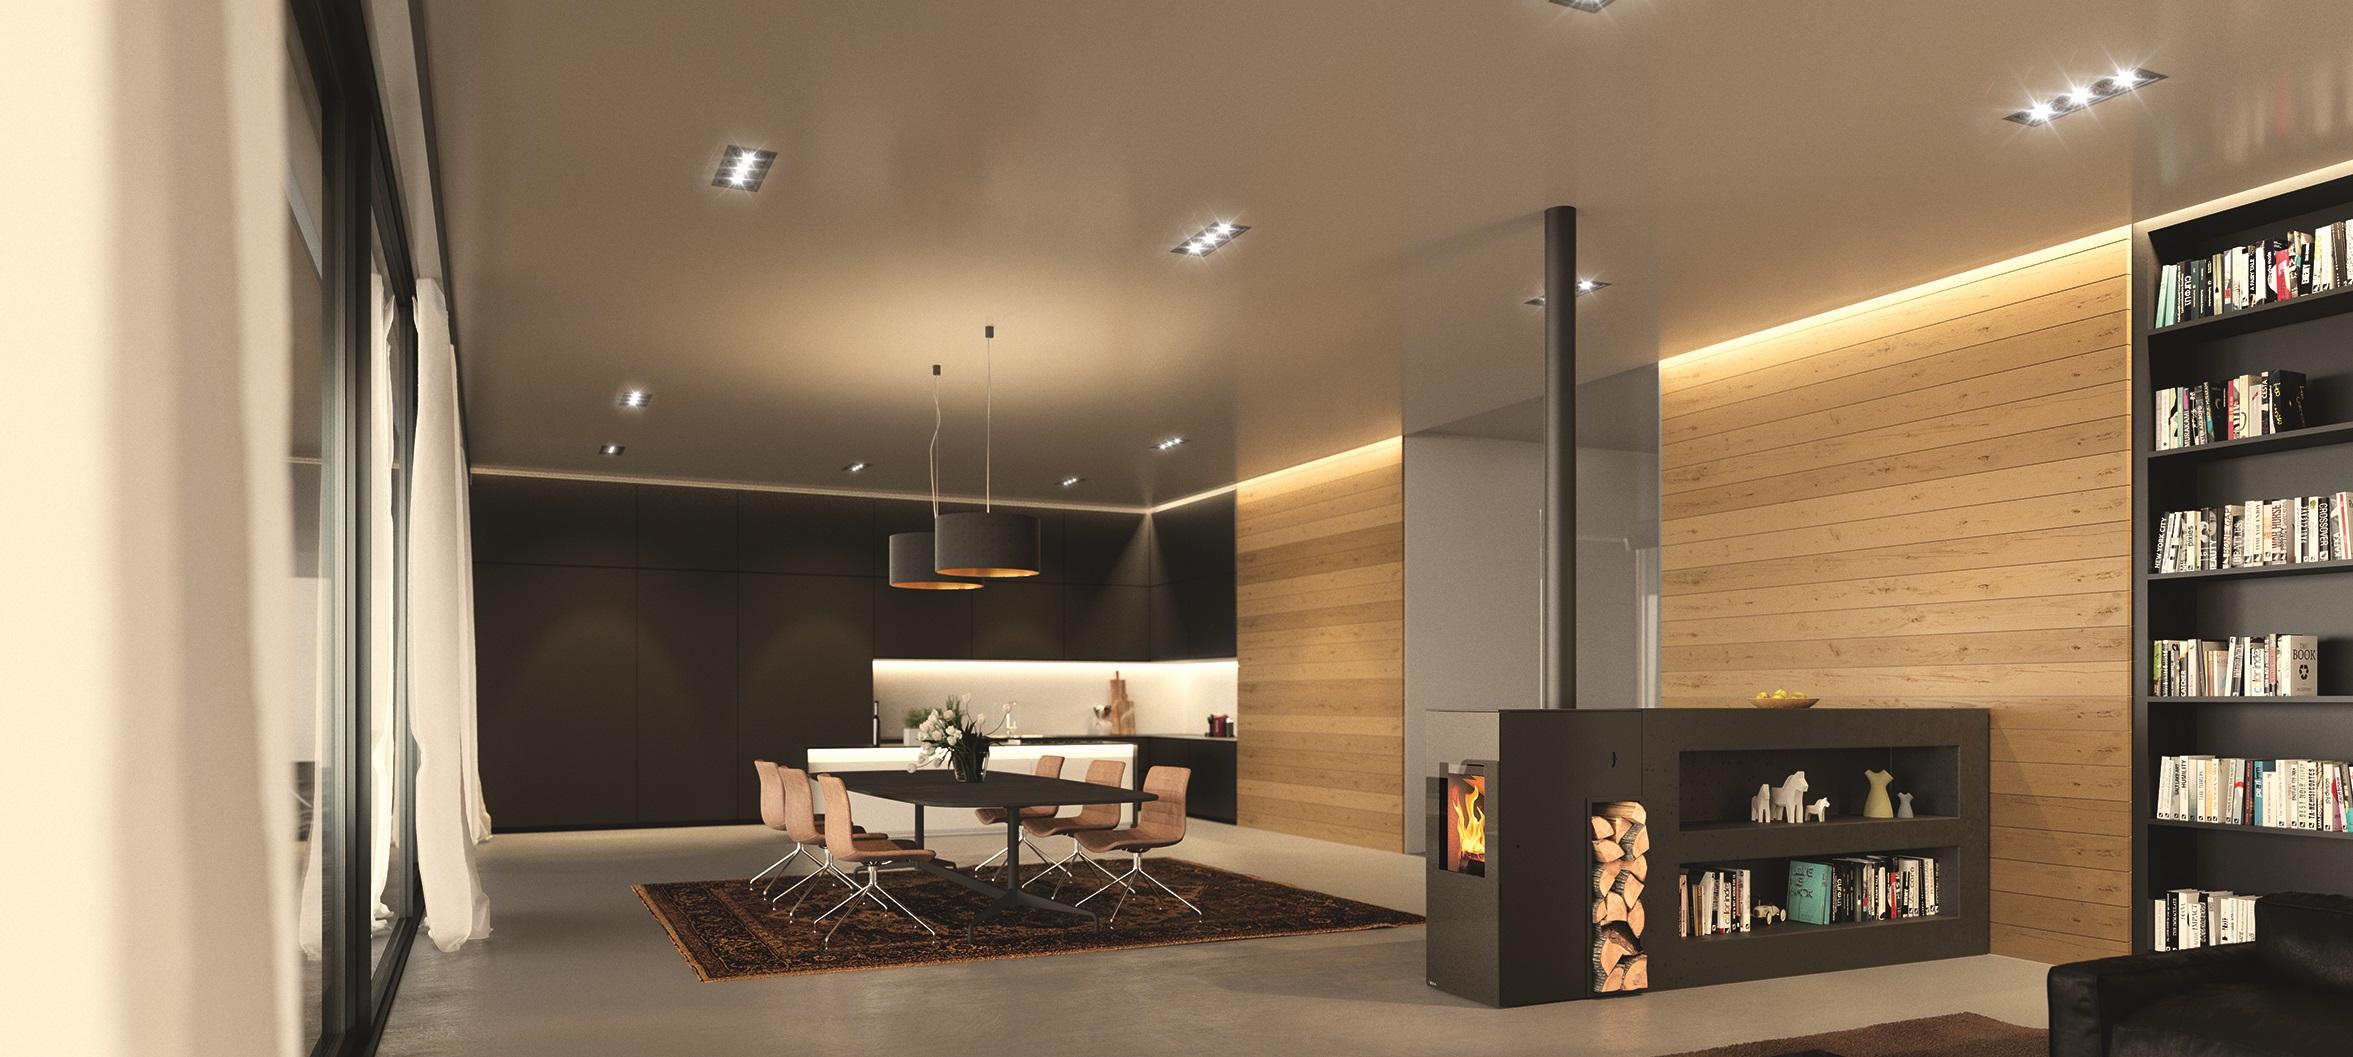 rika nantes sp cialiste du po le bois et granul s. Black Bedroom Furniture Sets. Home Design Ideas